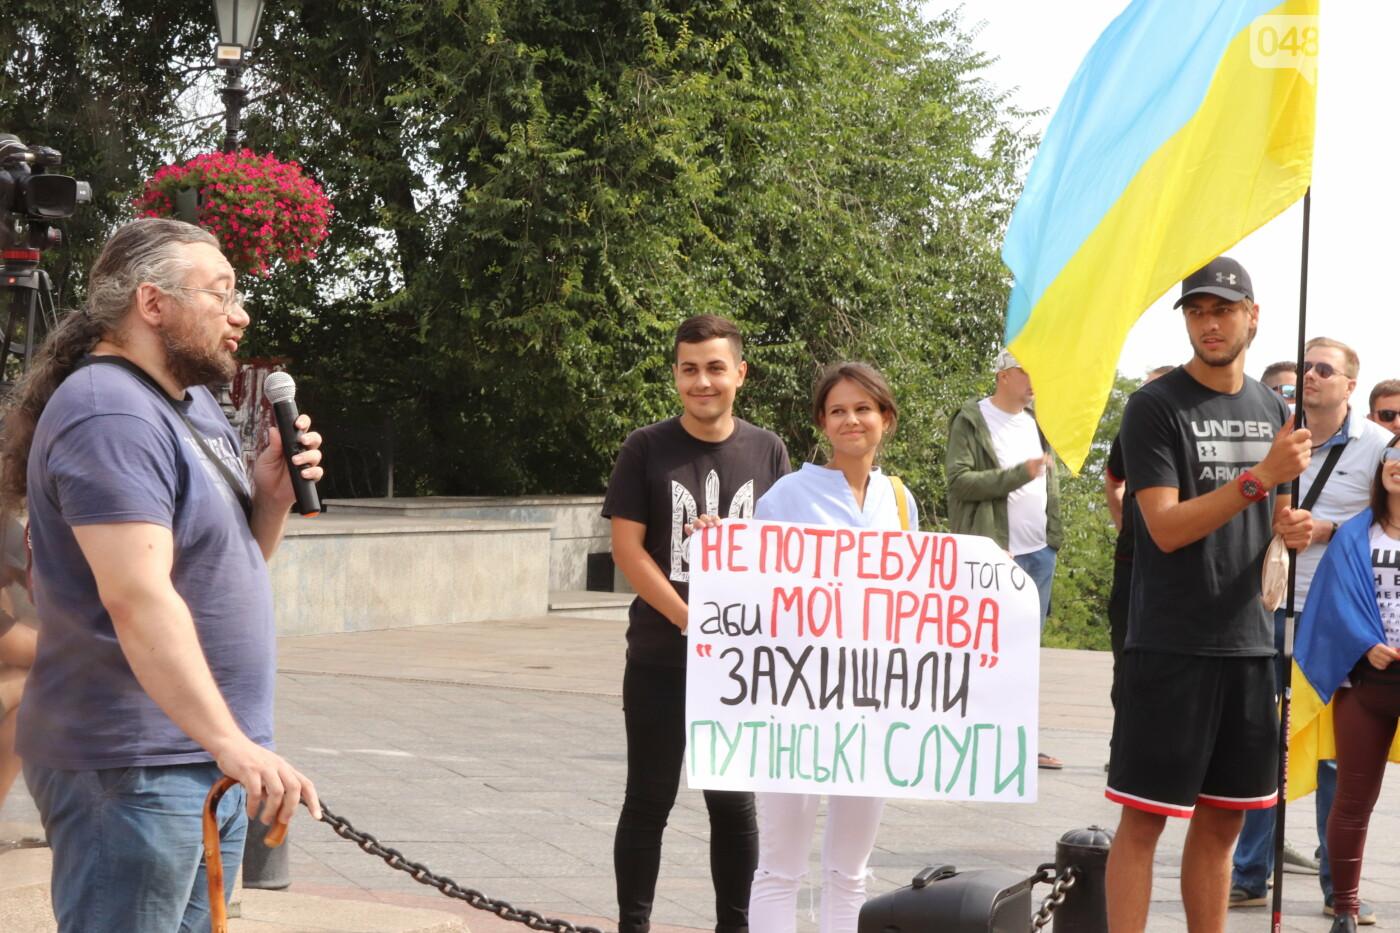 Около сотни одесситов пришли к Дюку поддержать украинский язык, - ФОТО, фото-11, Ольга Циктор